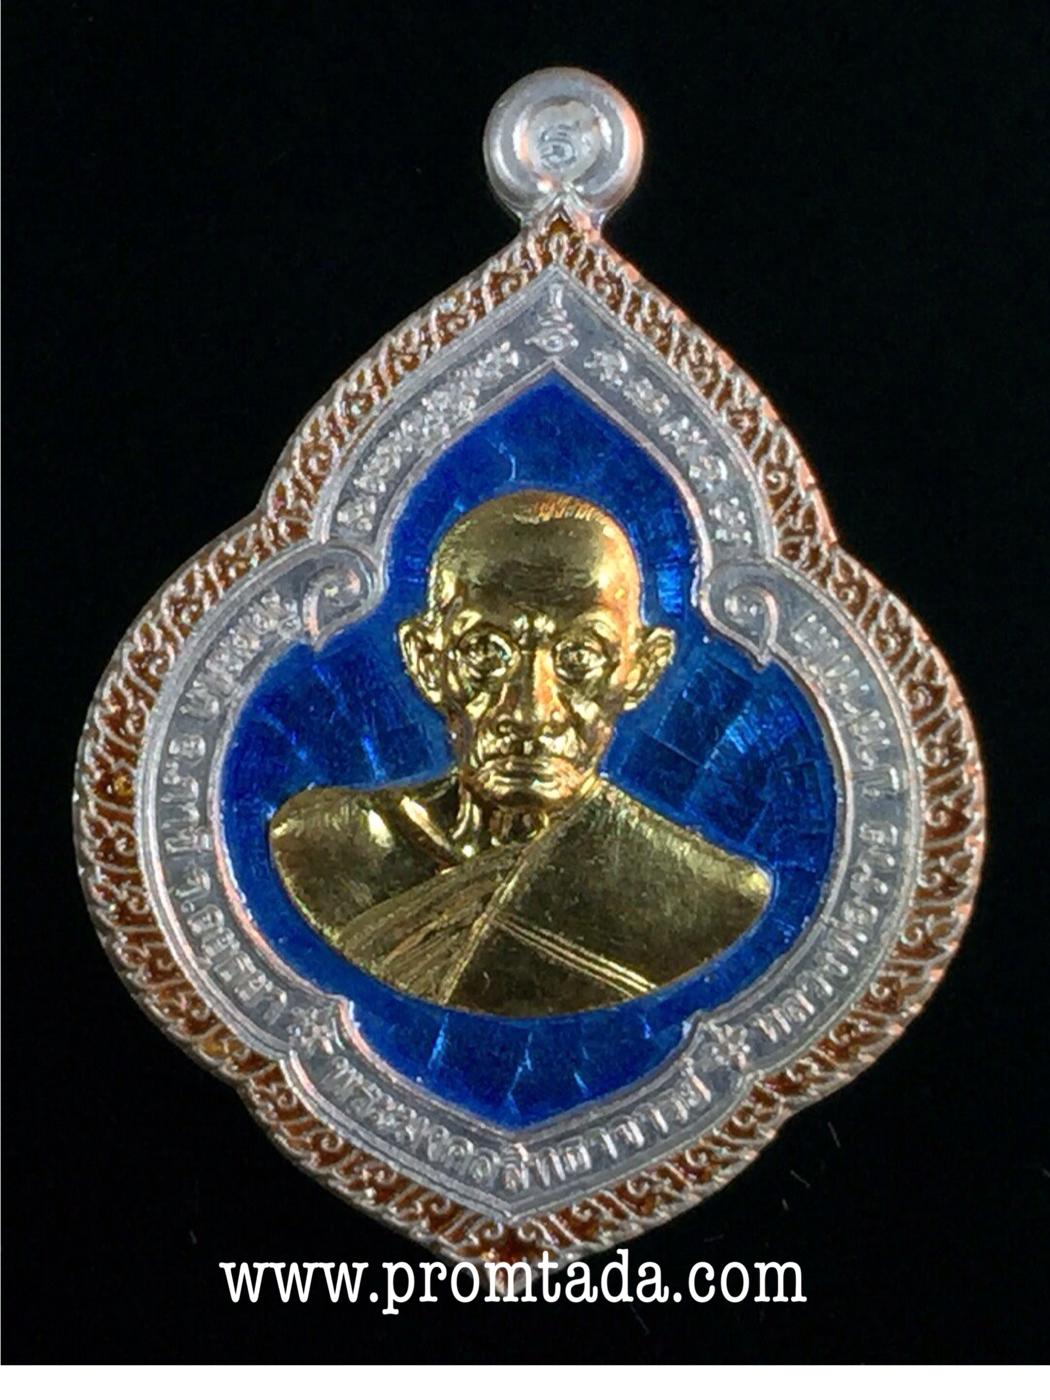 เหรียญพิมพ์พุ่มข้าวบิณฑ์ เนื้อเงินลงยาหน้าทองสีน้ำเงิน หลวงพ่อรวย ปาสาทิโก